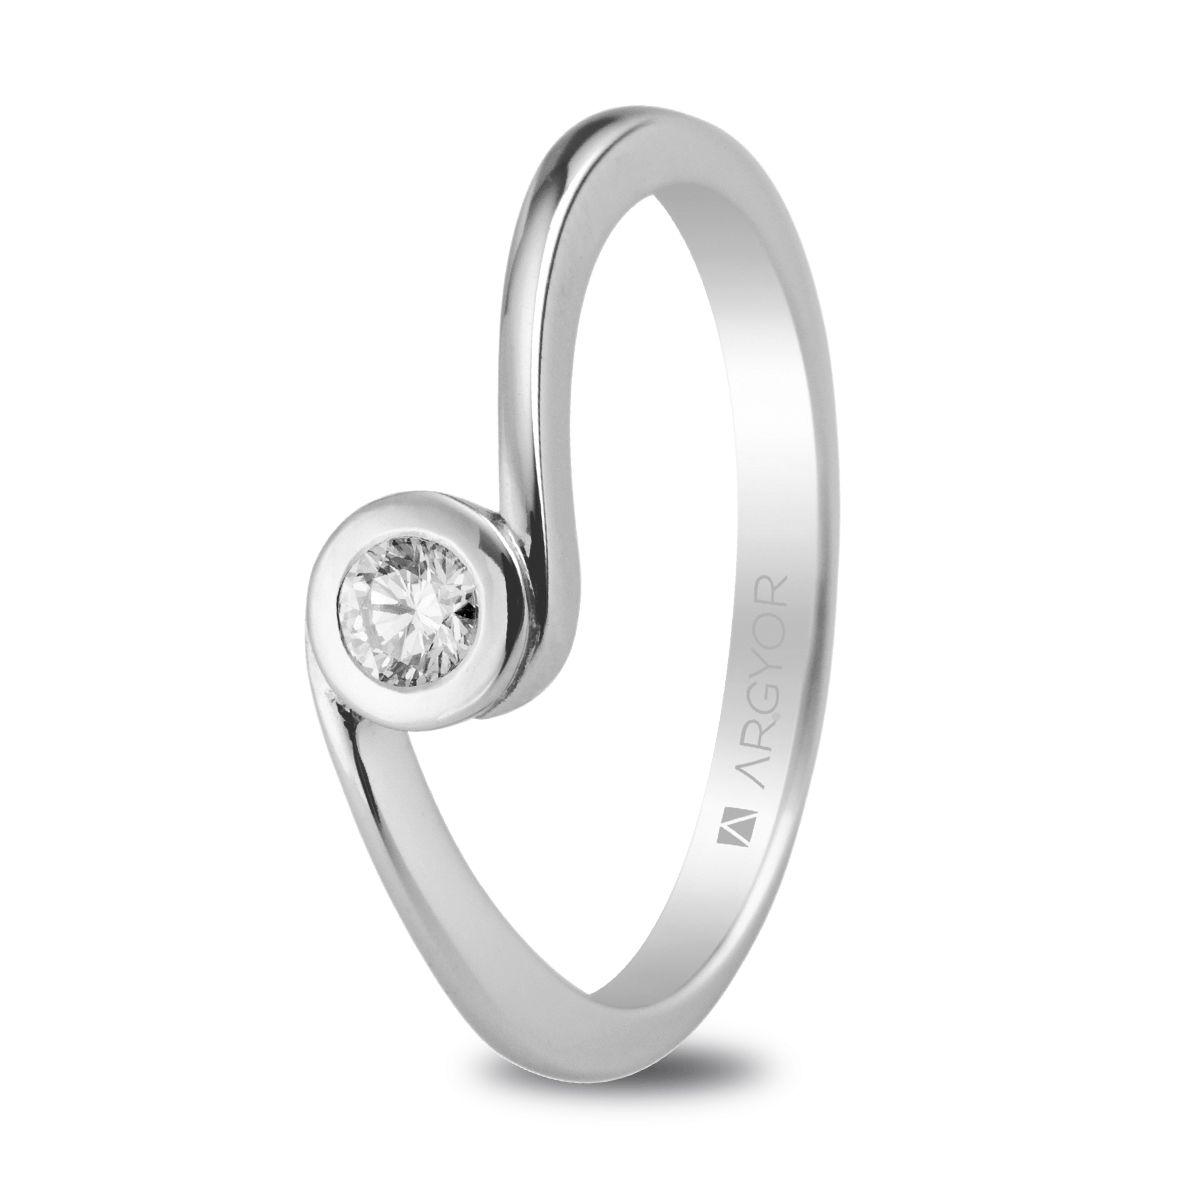 ced55891563a Sortija oro blanco 1 diamante 0.10ct. Anillo de compromiso 1 diamante  0.10ct – (18)74B0007